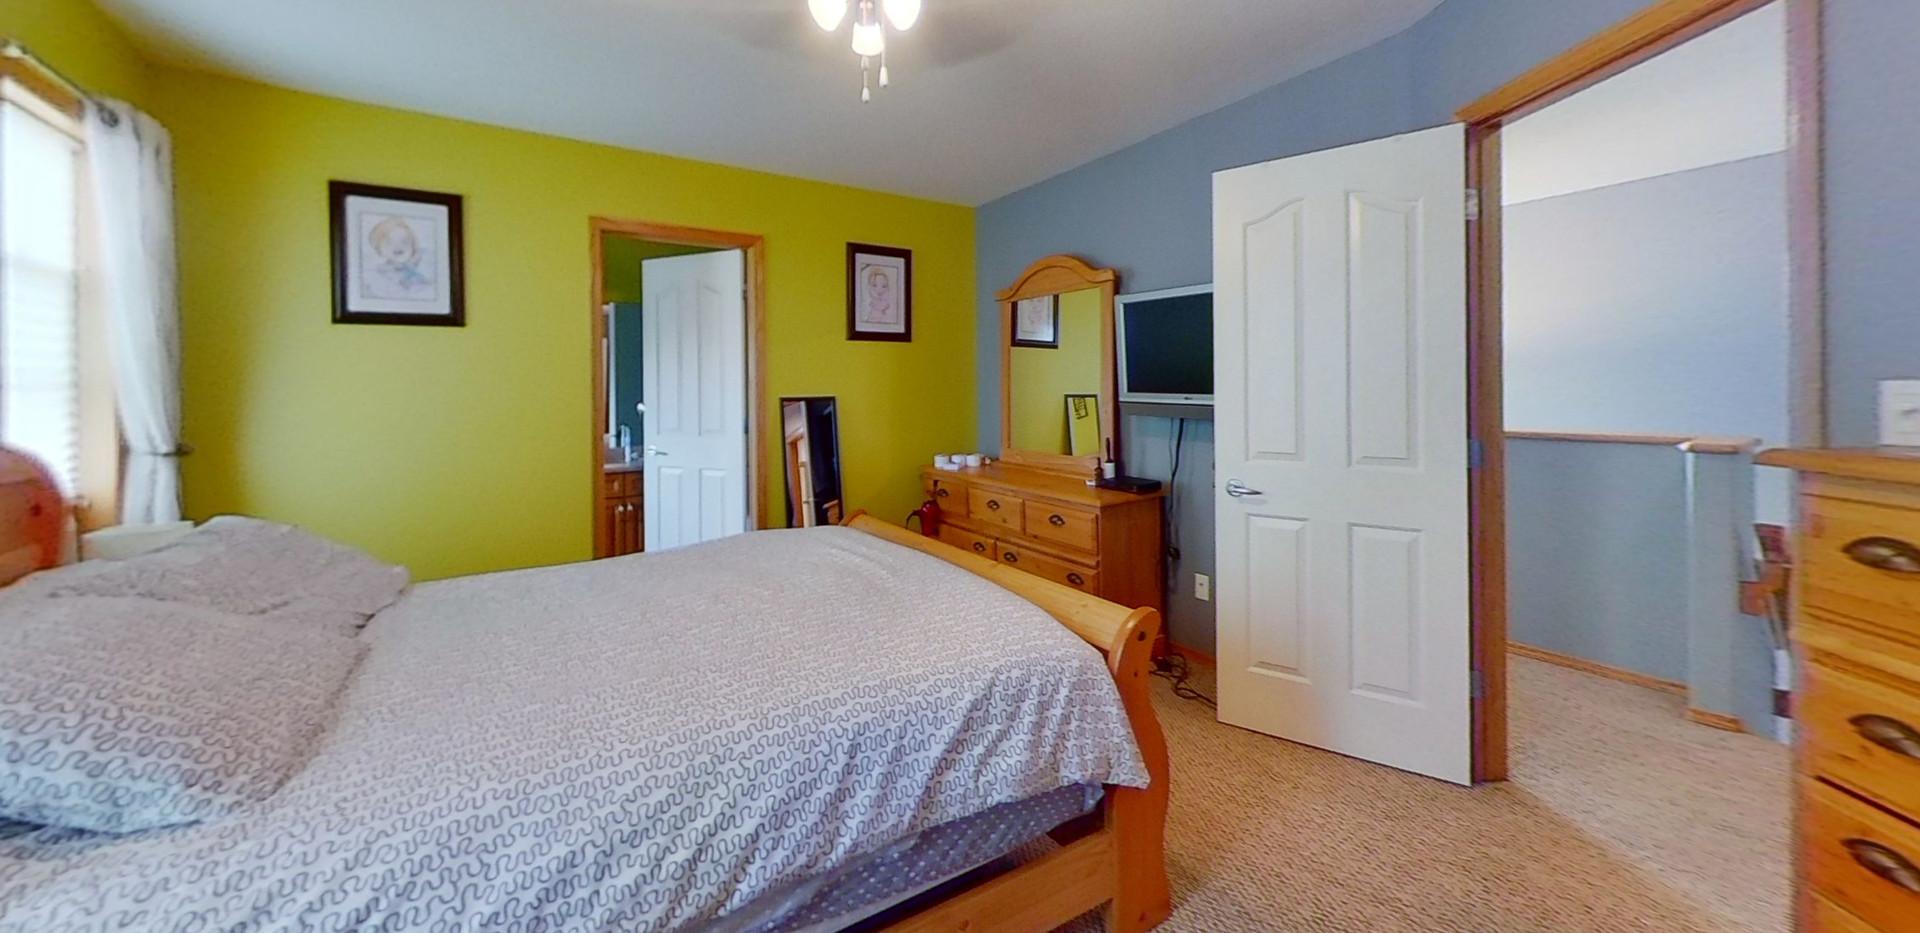 1143-Oakland-Dr-Bedroom-2.jpg